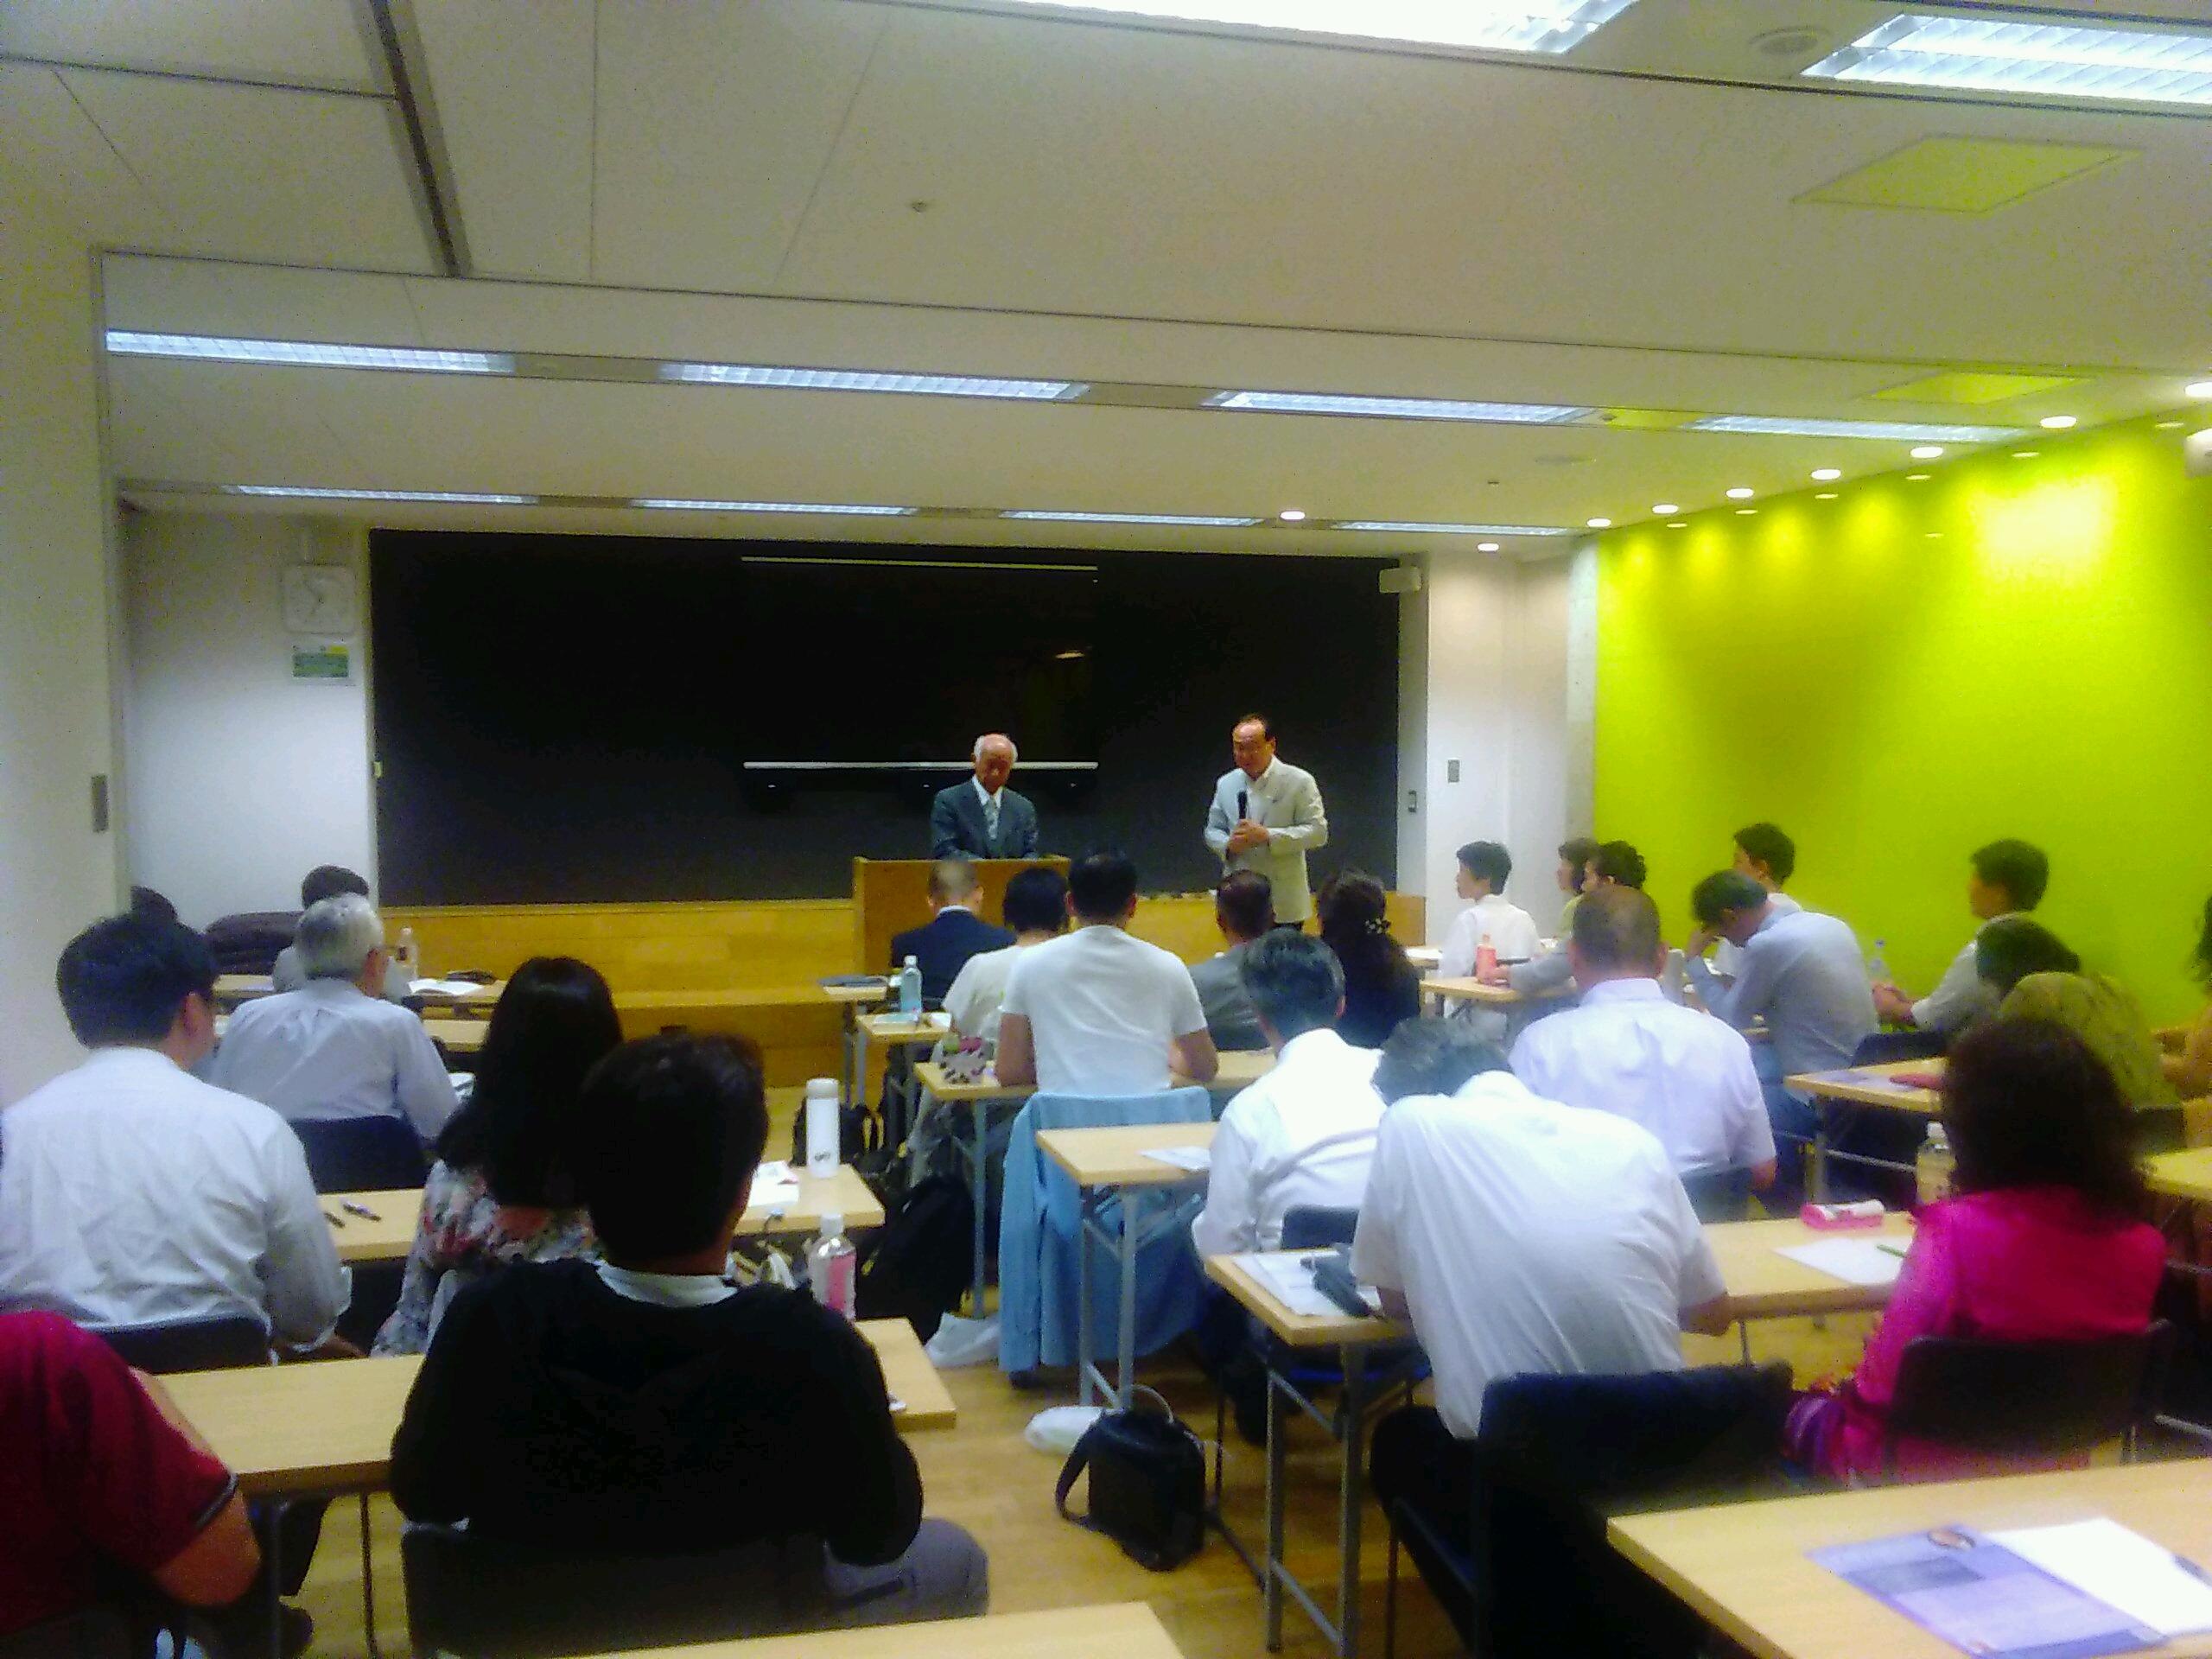 20181006185417 - 2018年10月6日(土)第5回東京思風塾開催しました。